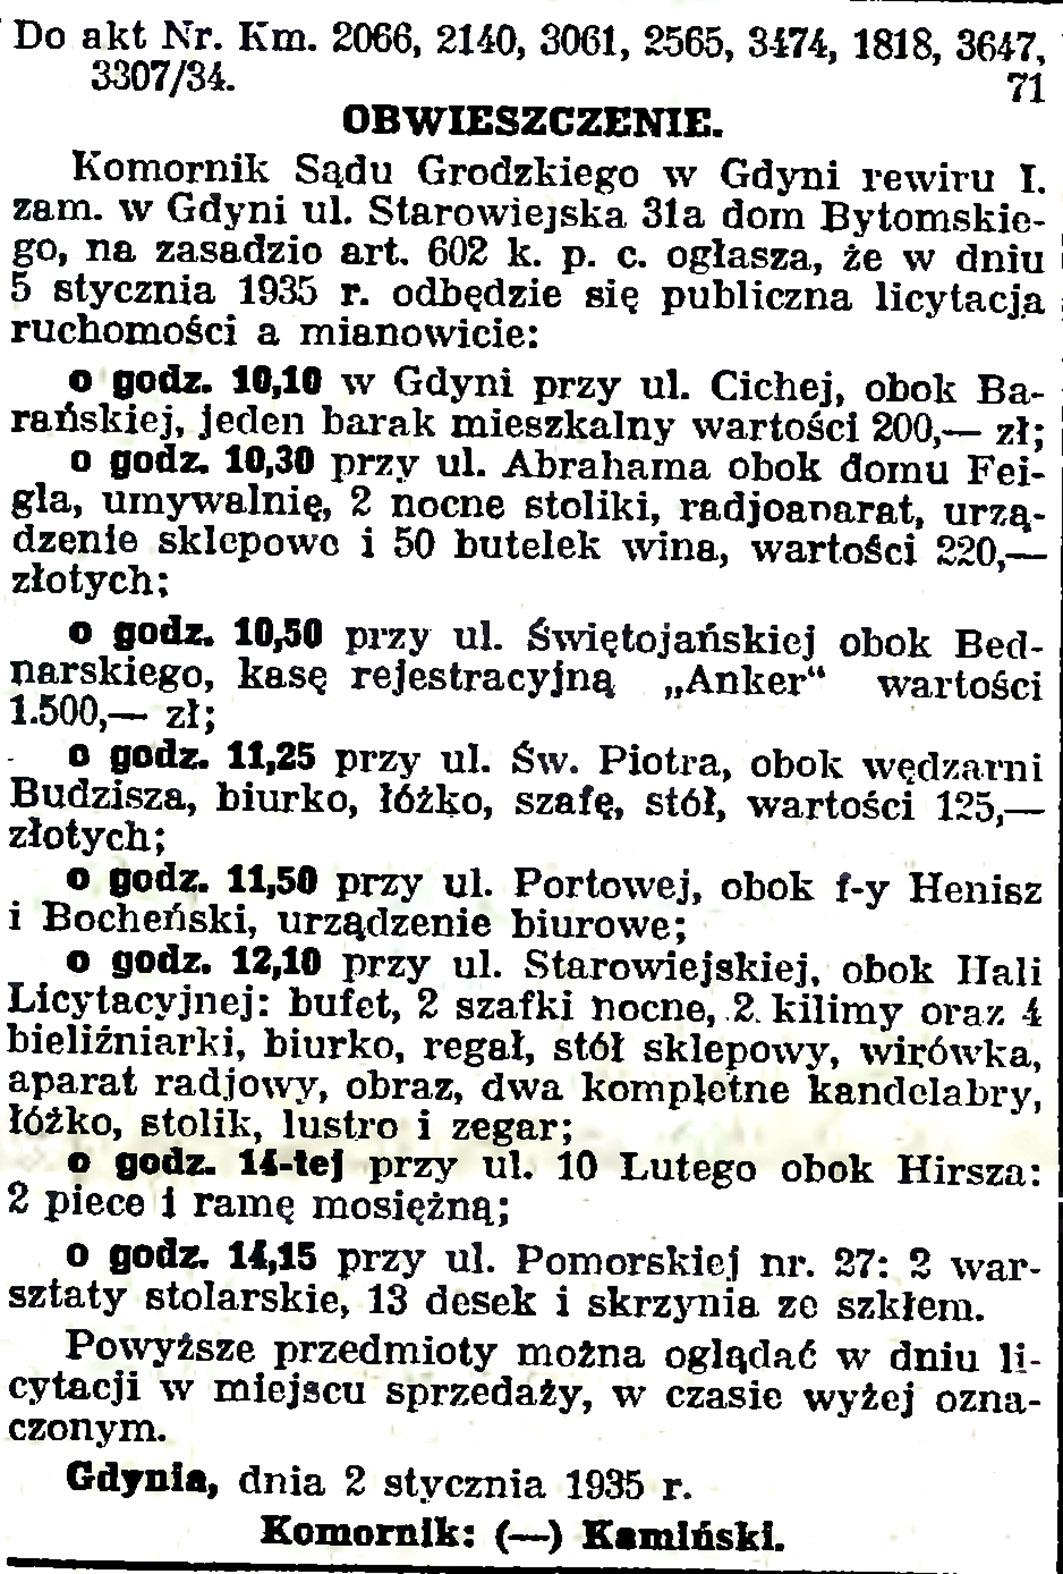 OBWIESZCZENIE 2 stycznia 1935 r.